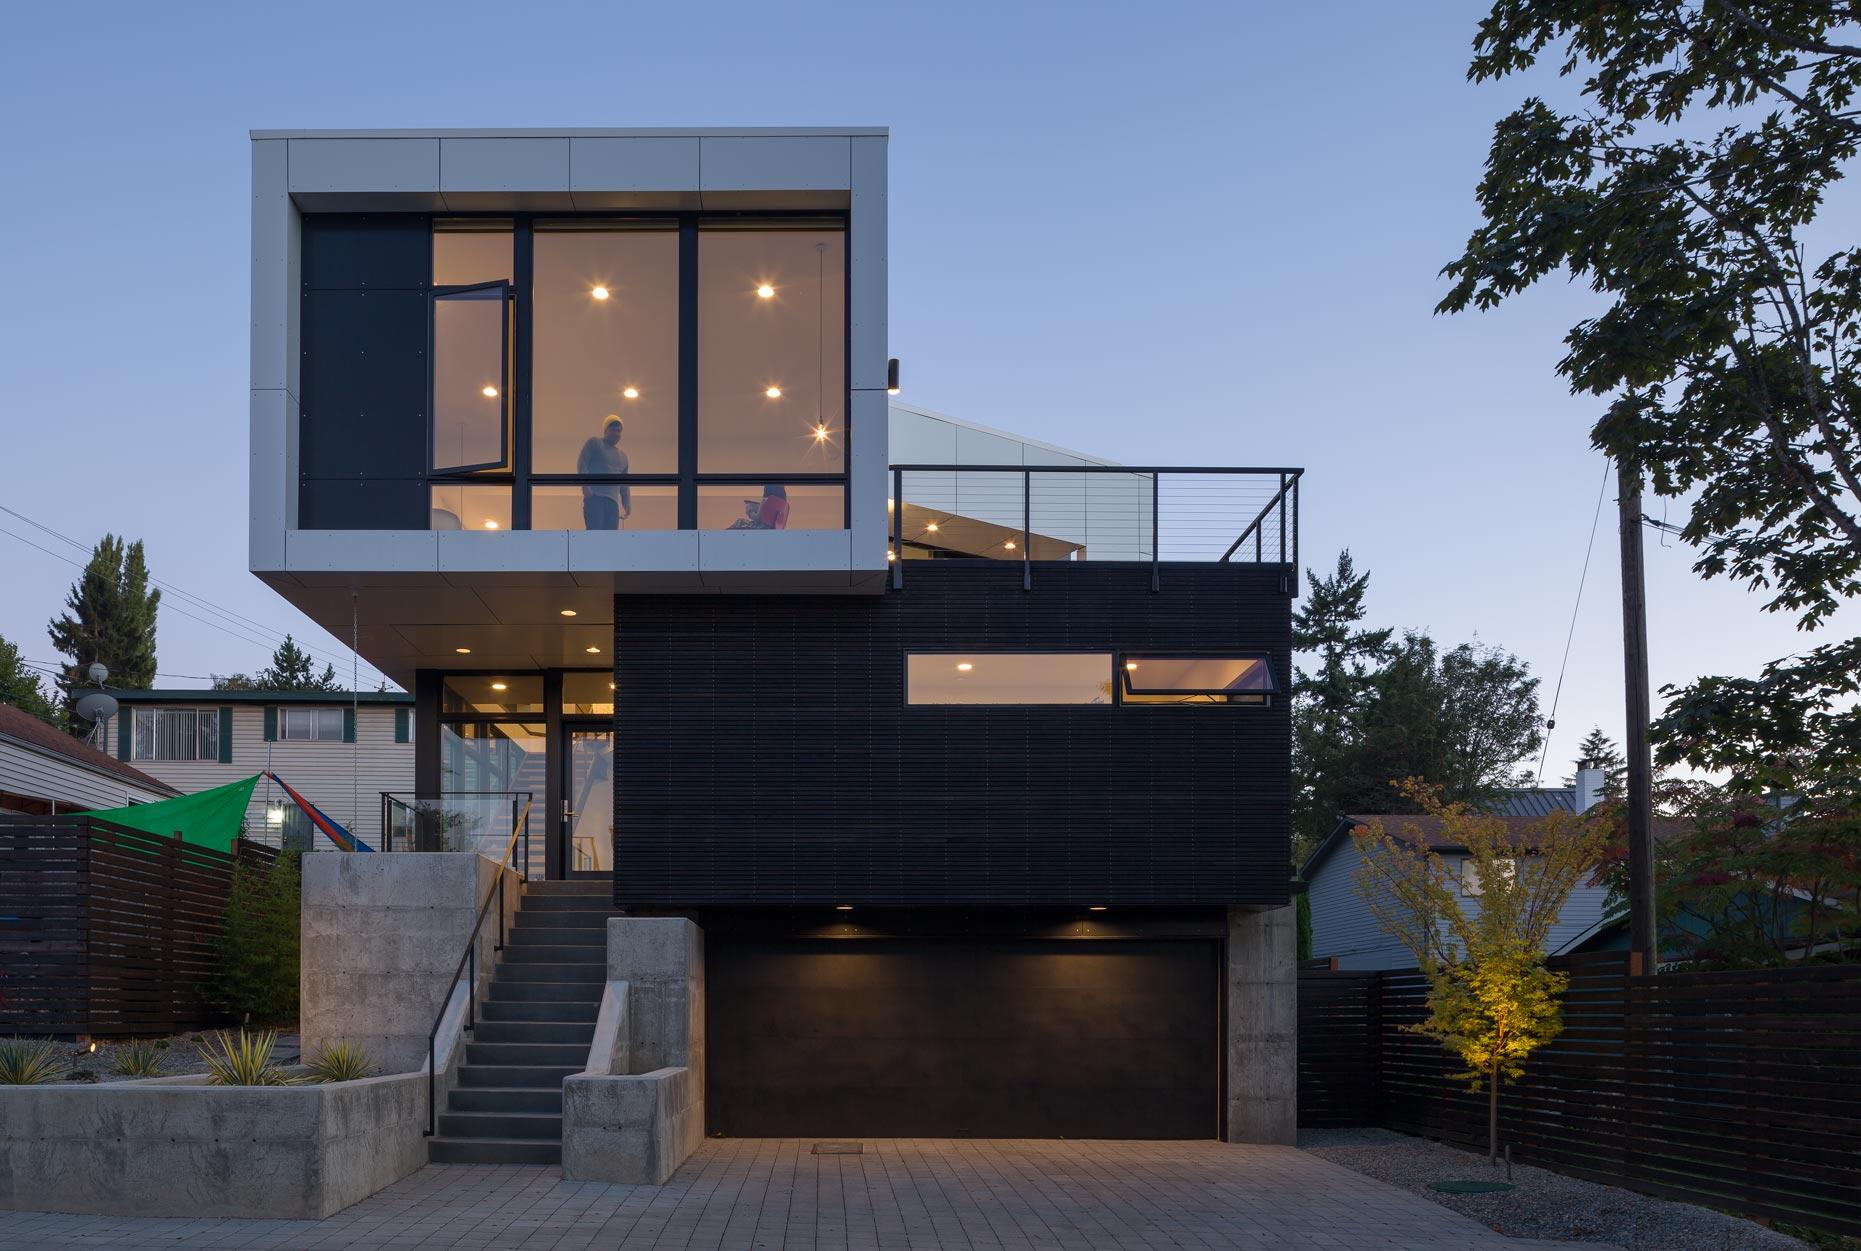 Thiết kế nhà với sự sáng tạo để ánh sáng vào nhà